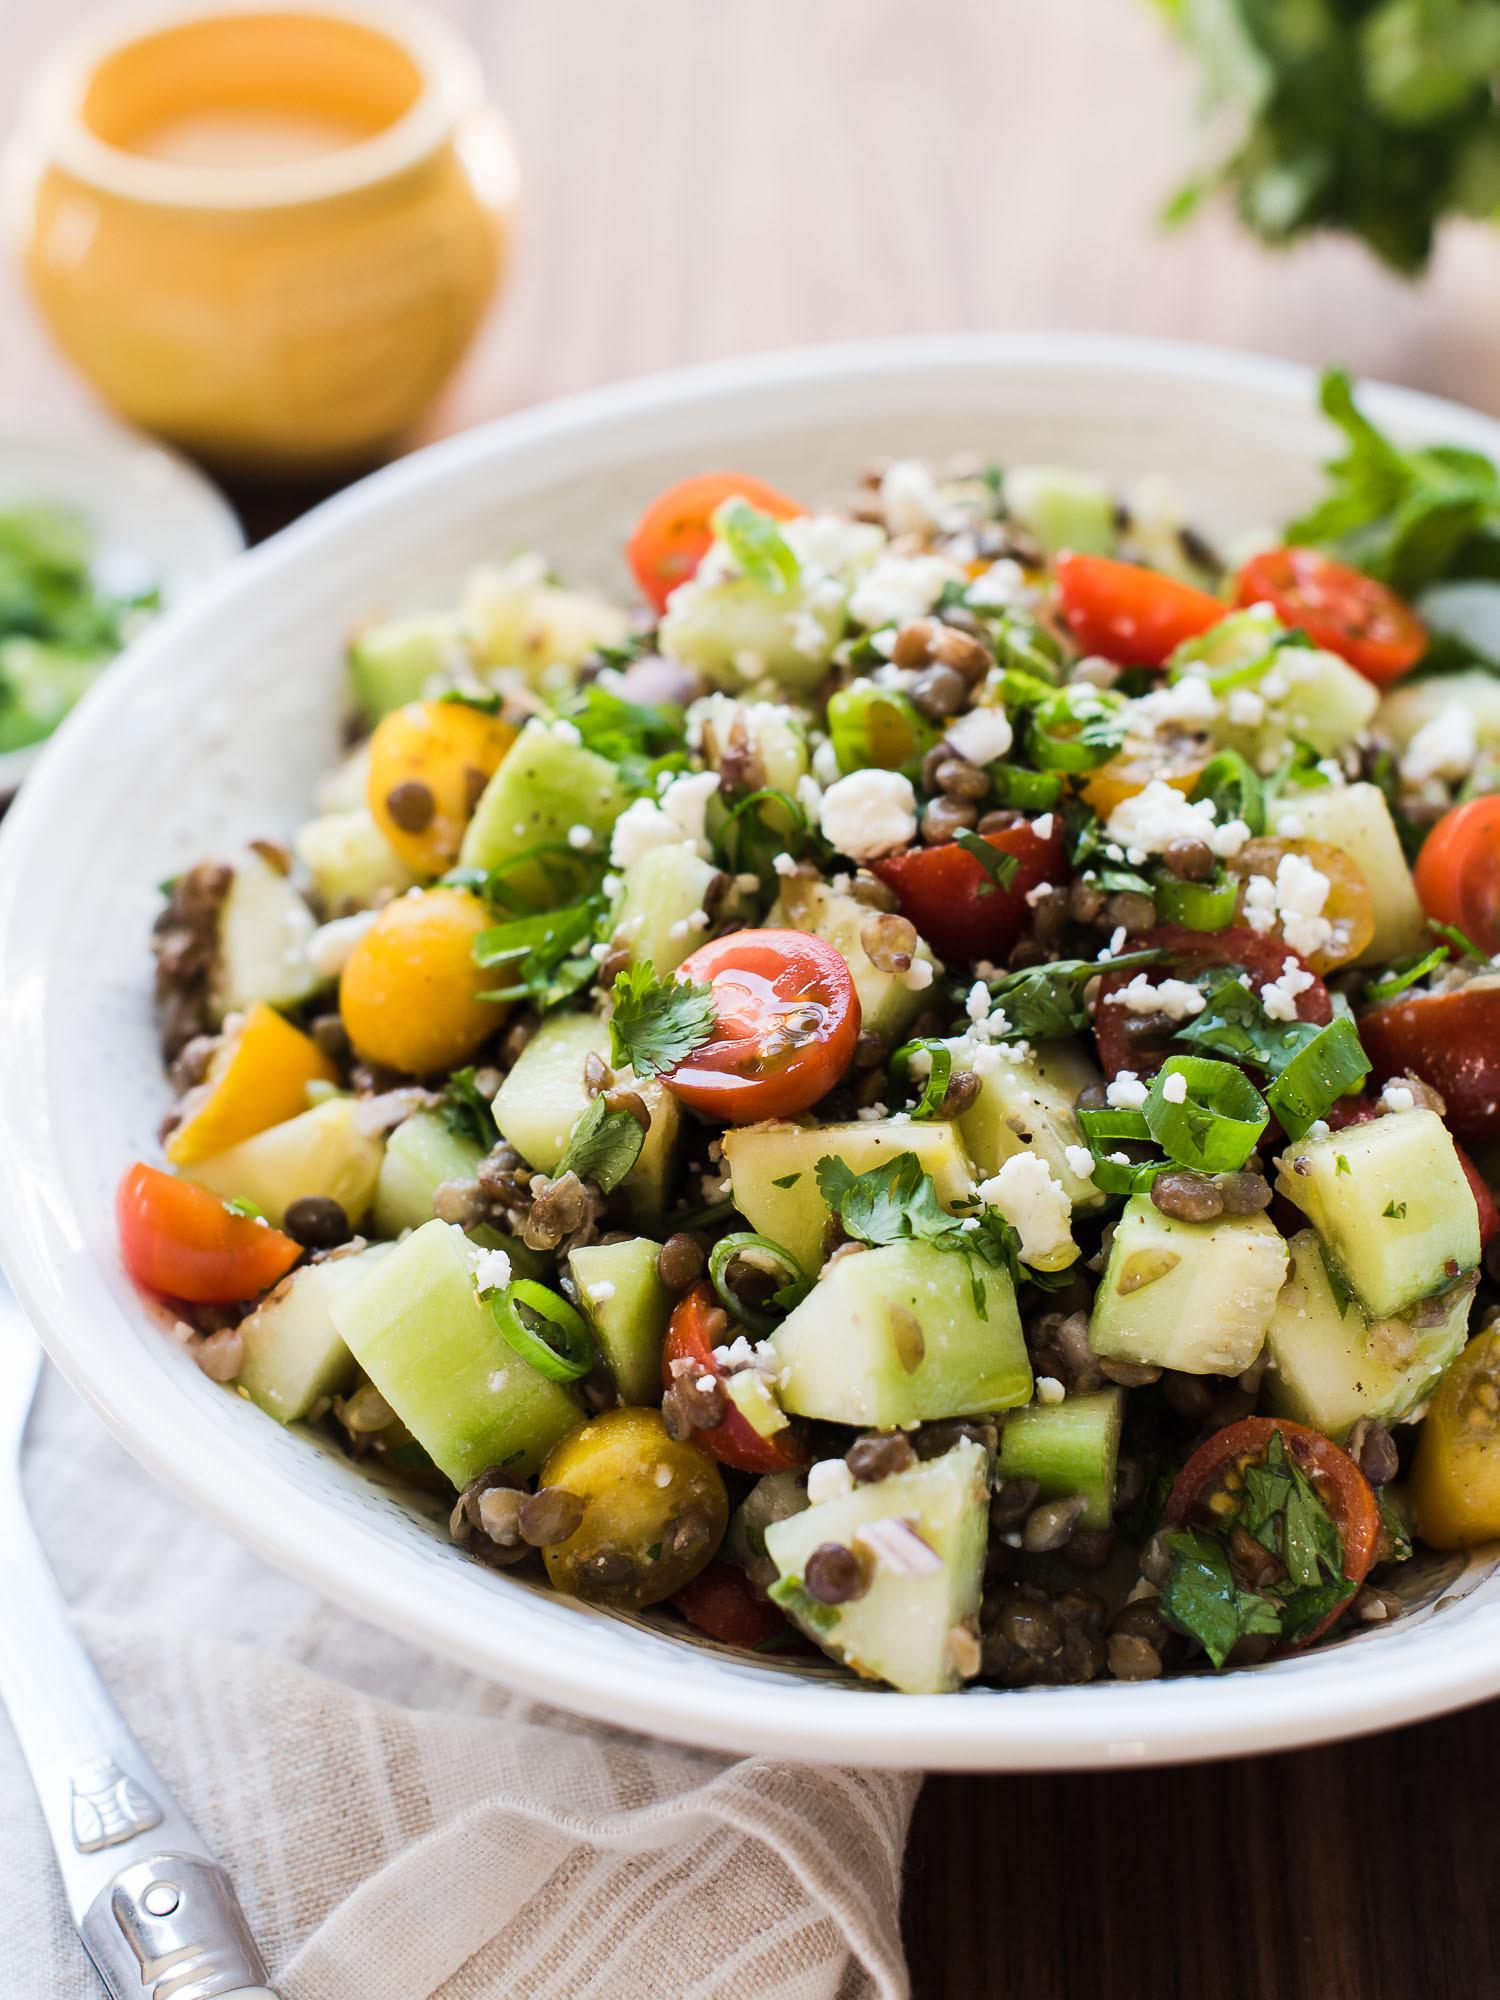 Summer Lentil Recipes  Summer Lentil Salad